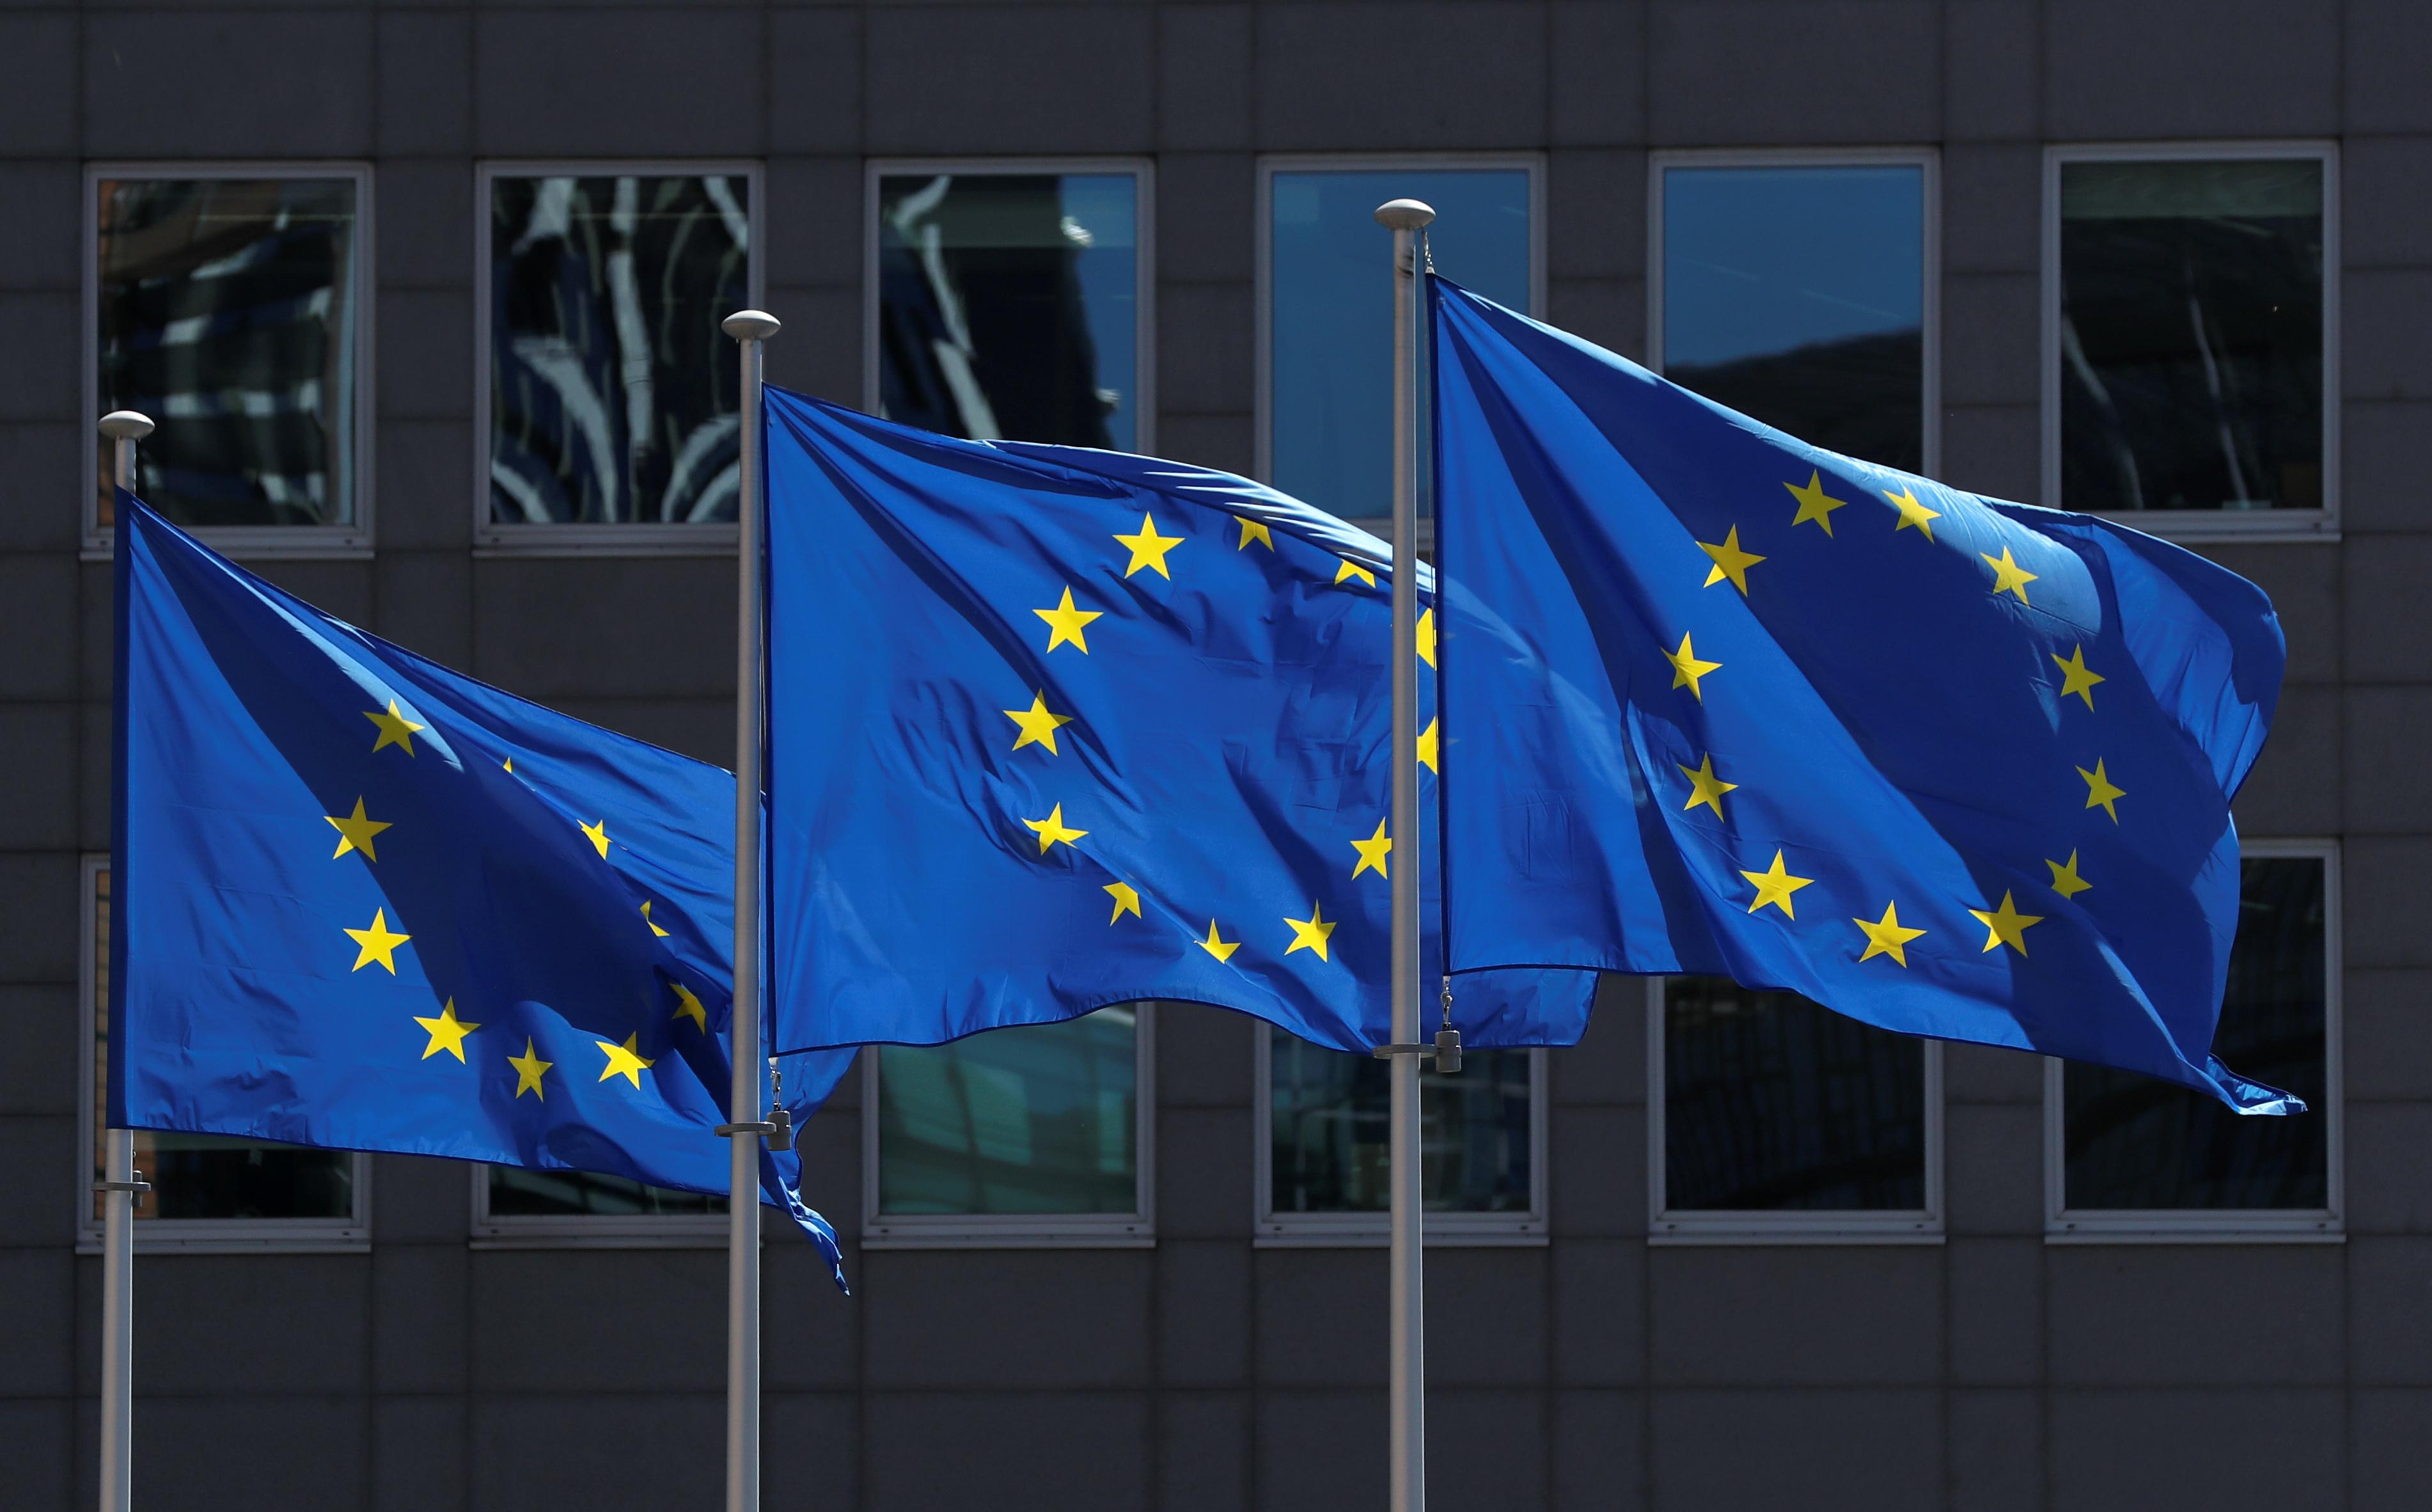 bruxelles-prevoit-une-aggravation-de-la-recession-dans-la-zone-euro-en-2020